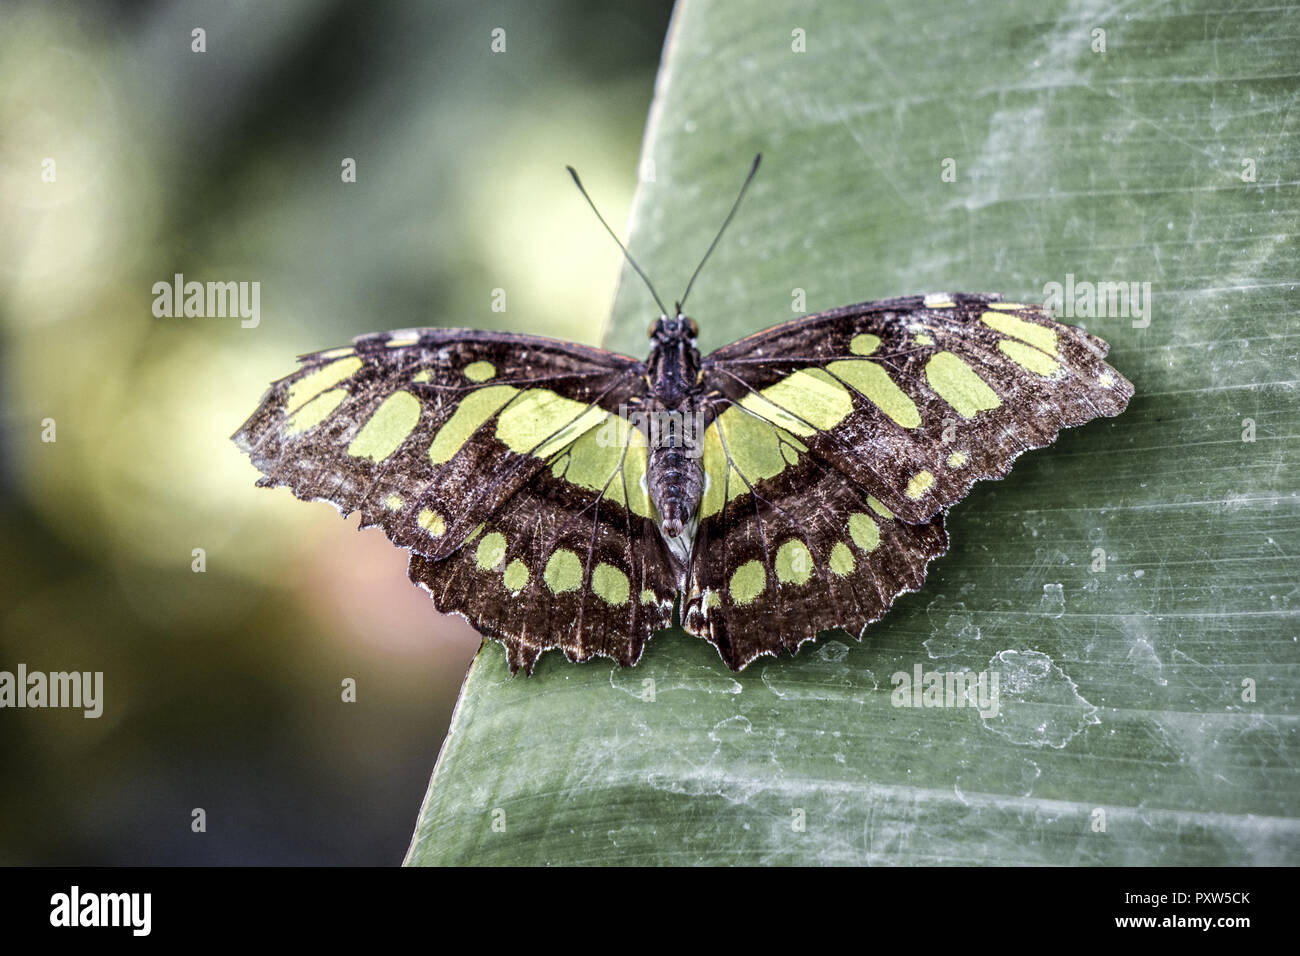 Tropischer Malachit-Schmetterling (Siproeta stelenes) sitzt auf einem Blatt, Tropical Malachite Butterfly (Siproeta stelenes) sitting on a leaf, Butte - Stock Image